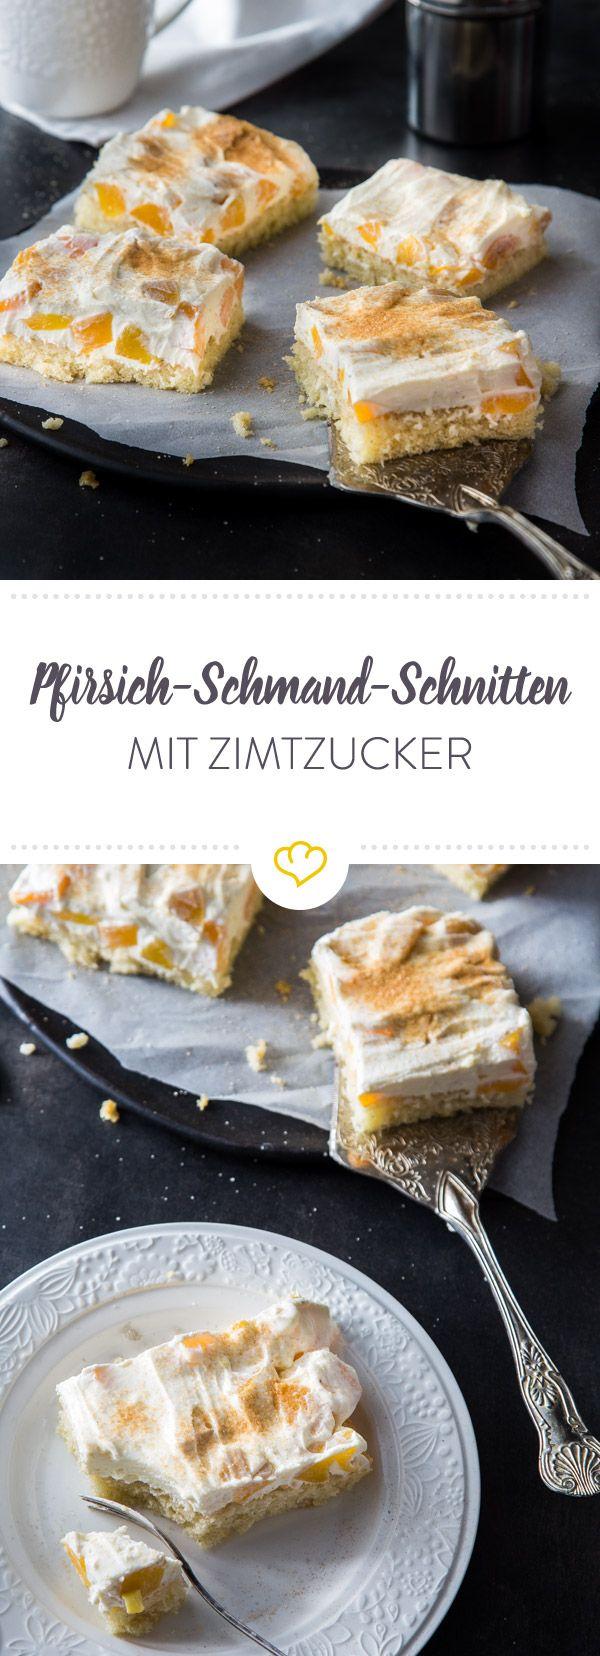 Fantakuchen Vom Blech Rezept Backen Pinterest Kuchen